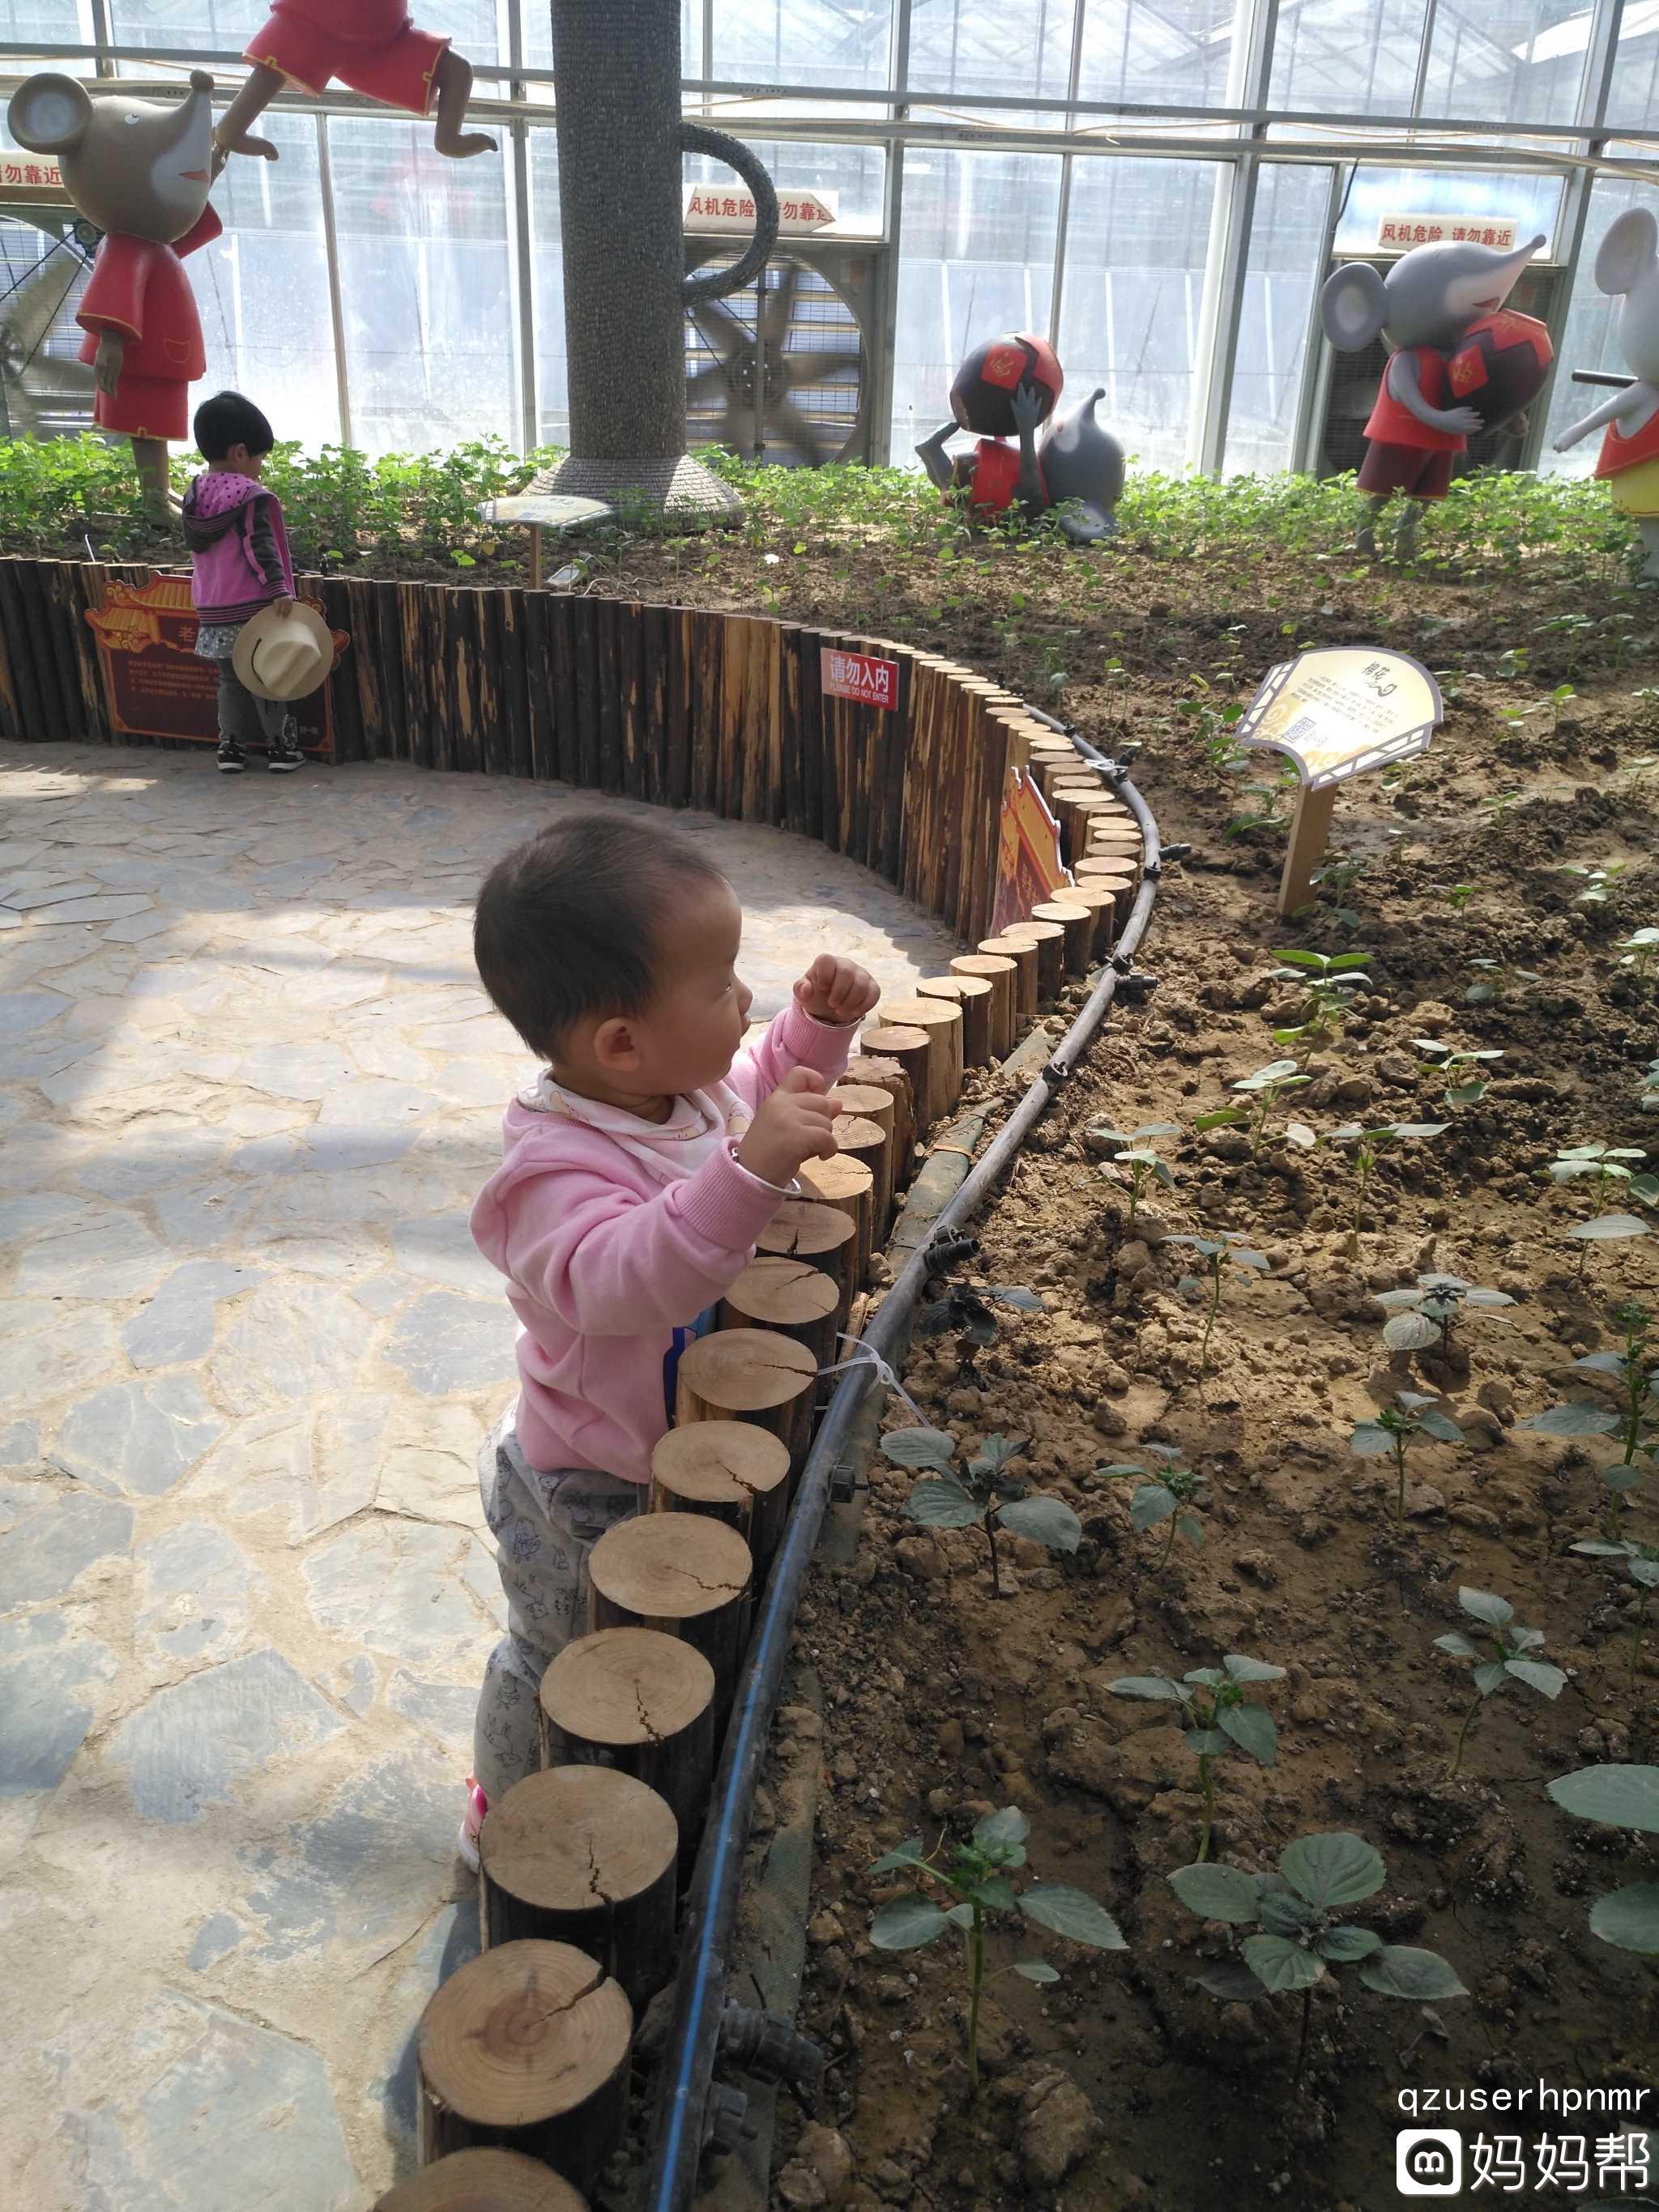 雕塑公园和农业嘉年华[威武][威武]